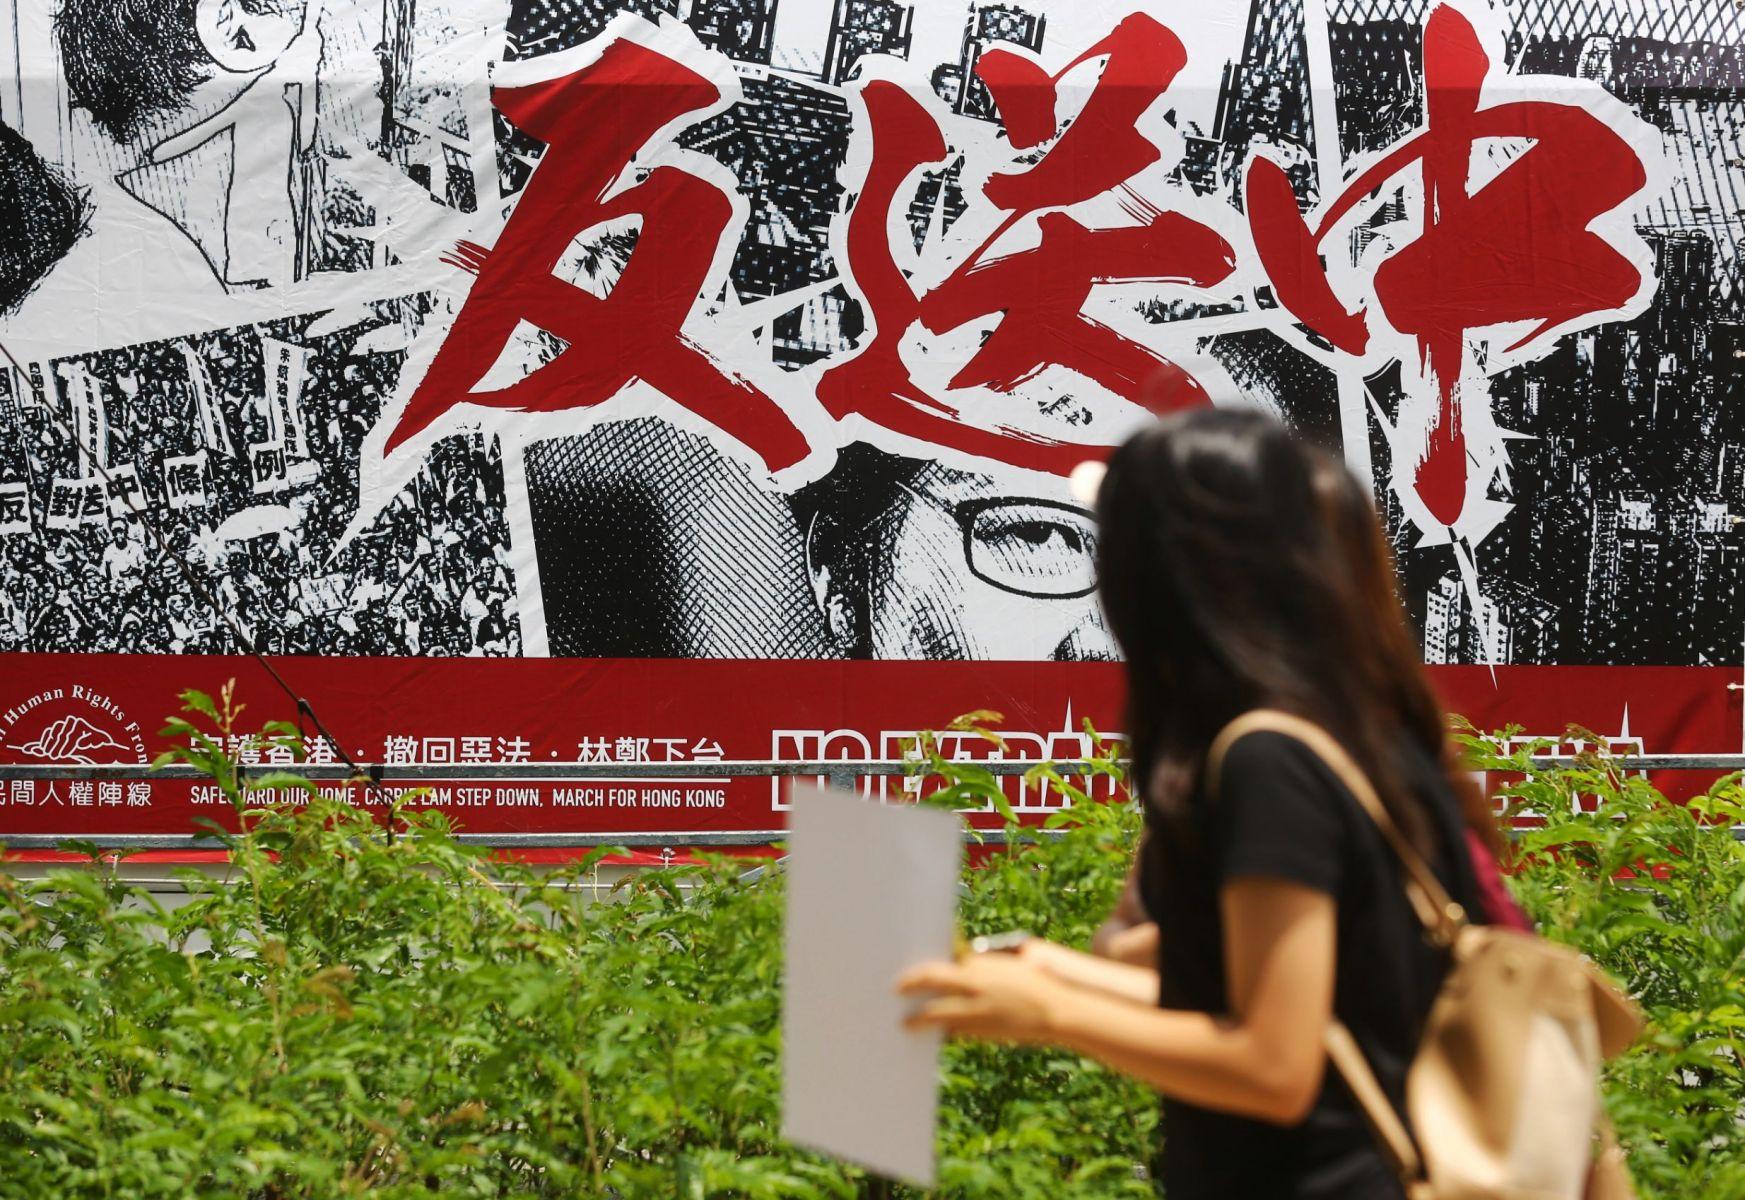 台灣人必須記住的一堂課》從期待到絕望 「一國兩制」香港實驗22年幾乎崩壞!